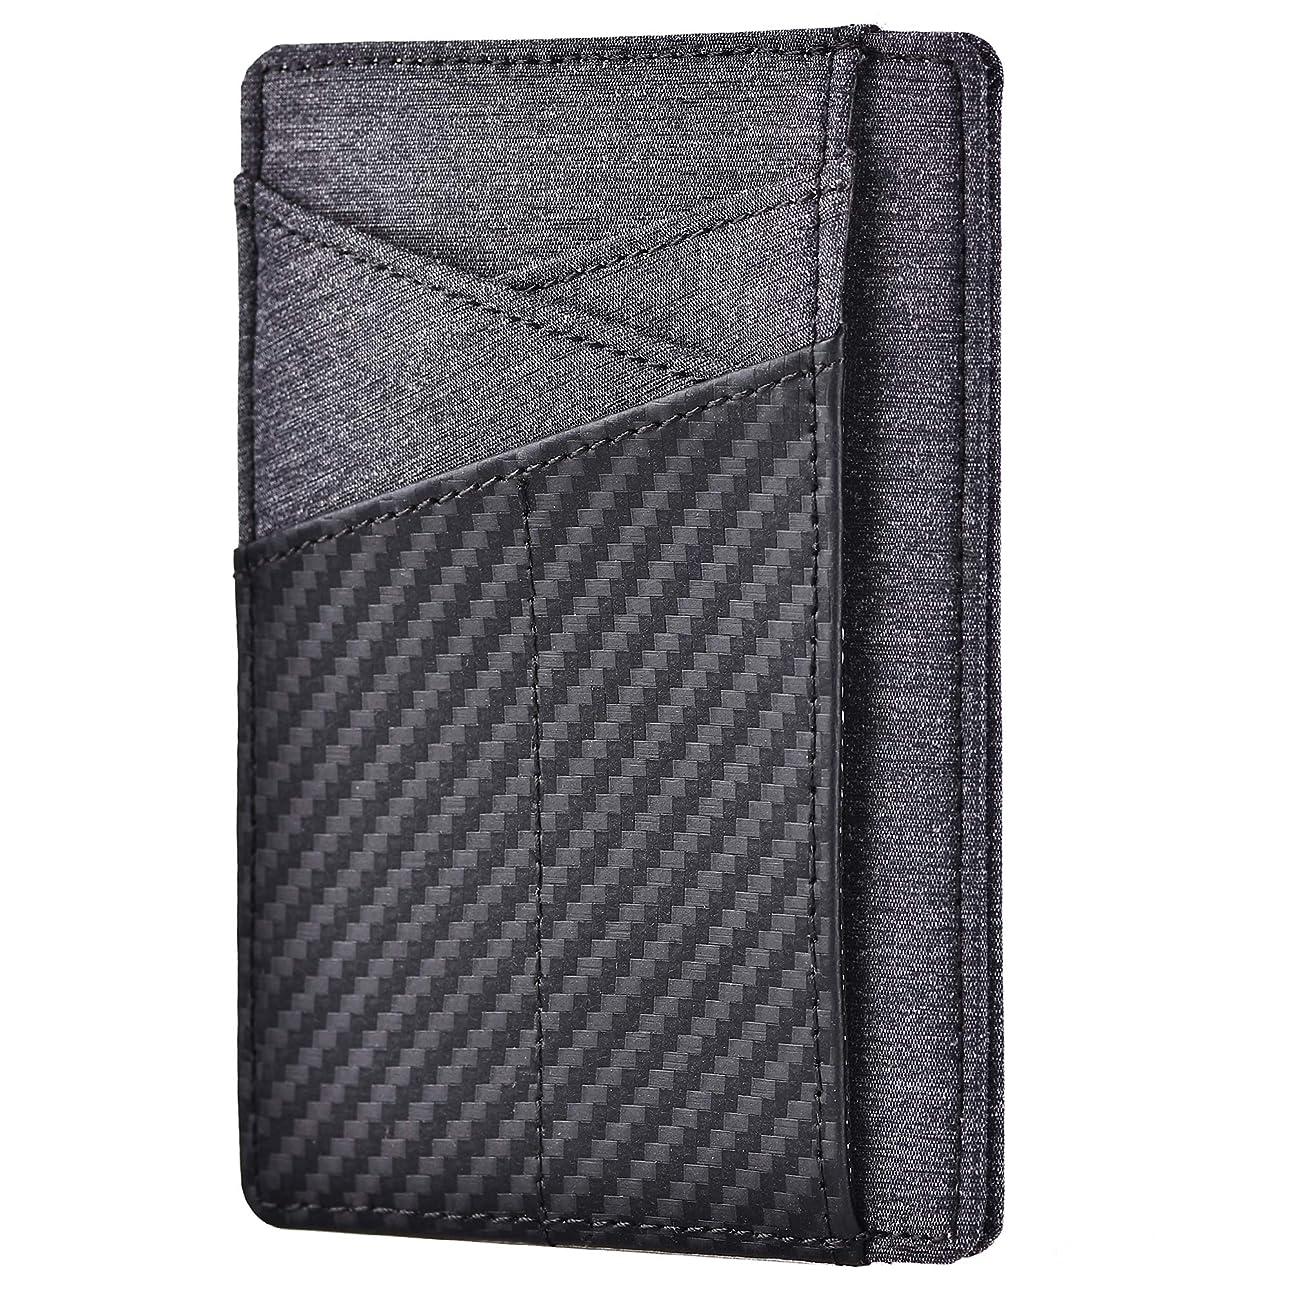 むしろ中で騒Kinzd カードケース 身分証明書入れ RFIDスキミング防止 薄型 免許証入れ 小さい財布 本革レザー